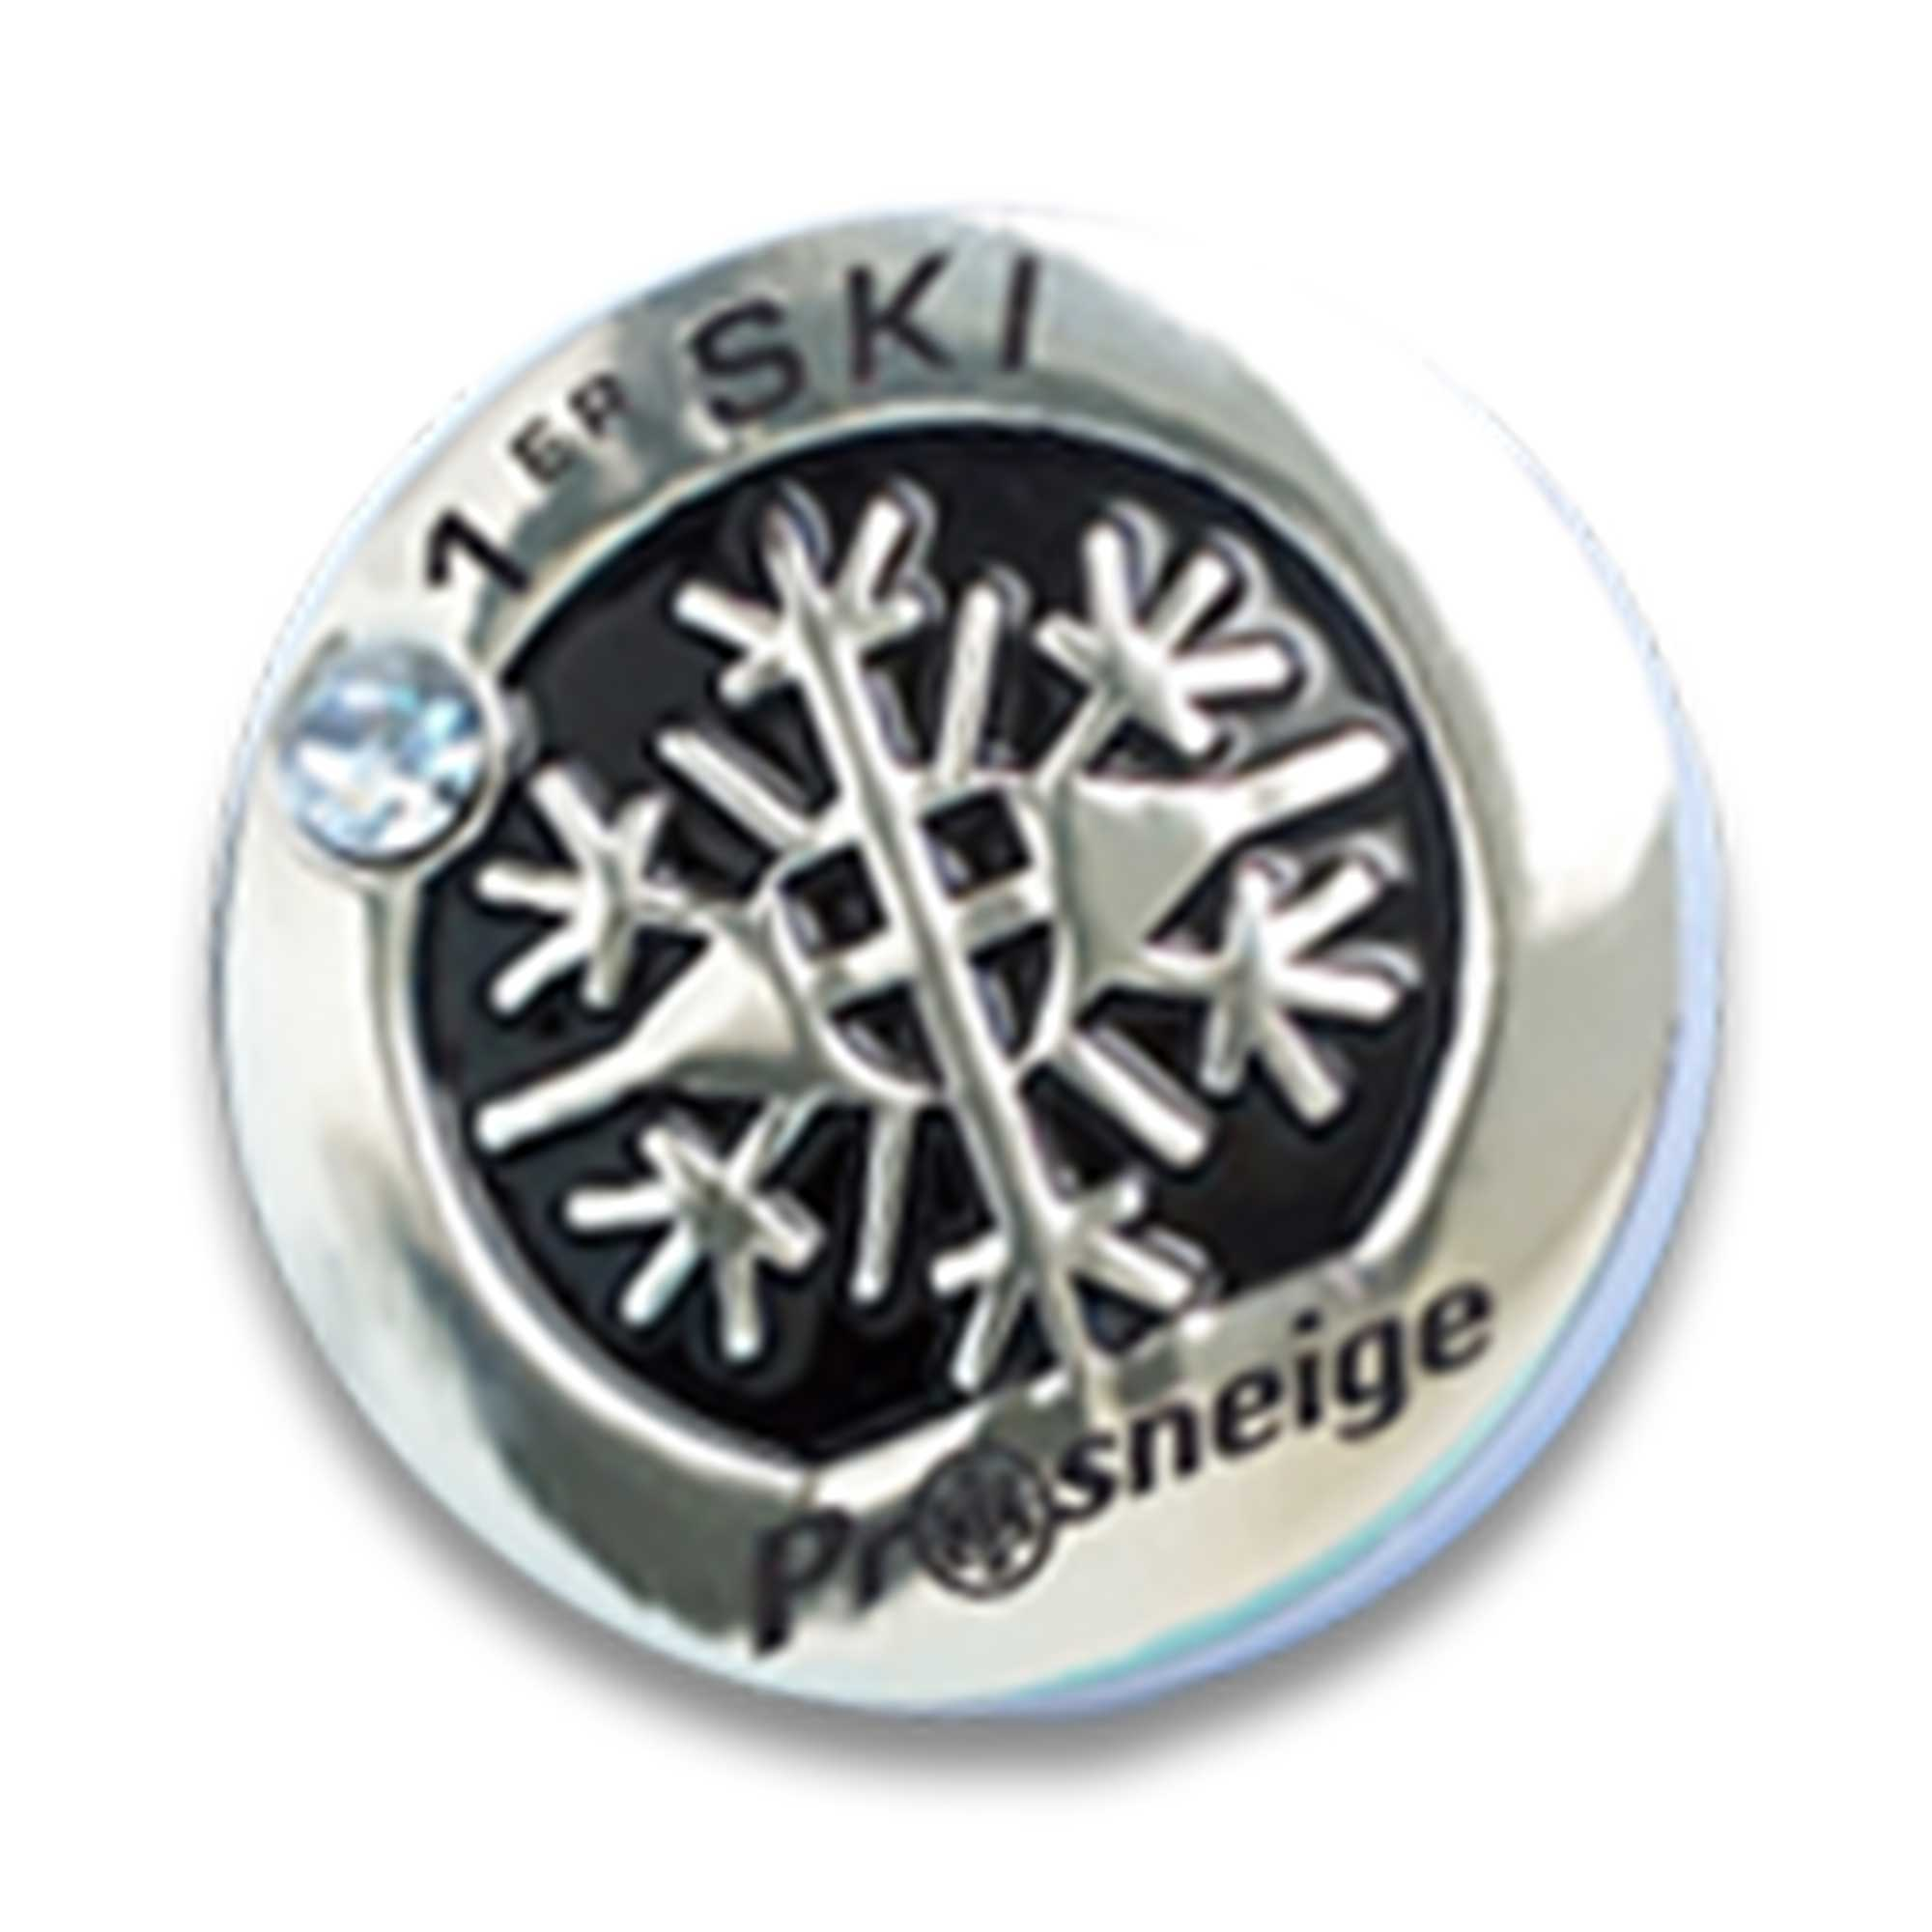 Médaille cours de ski niveau 1 ski